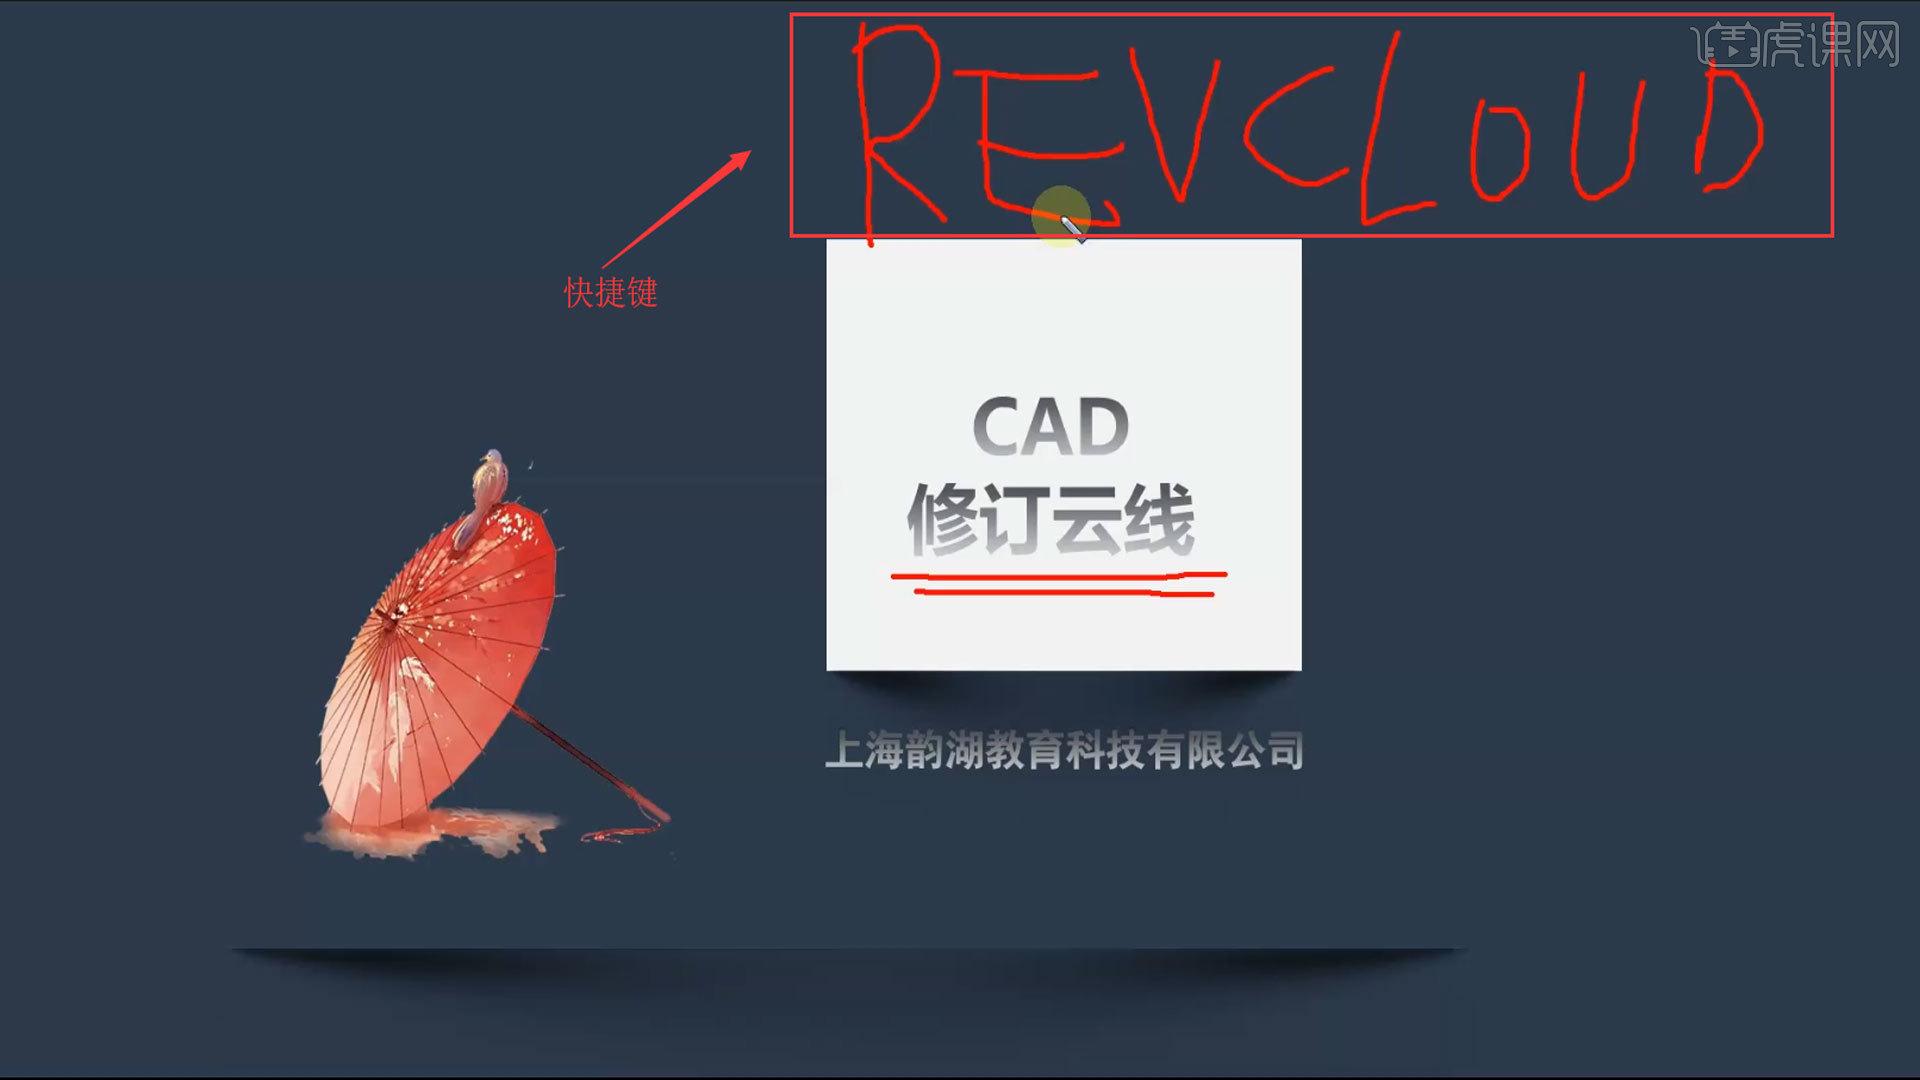 方向引导线图标_CAD基础教学-修正云线的绘制 - 室内设计教程_CAD(2020) - 虎课网